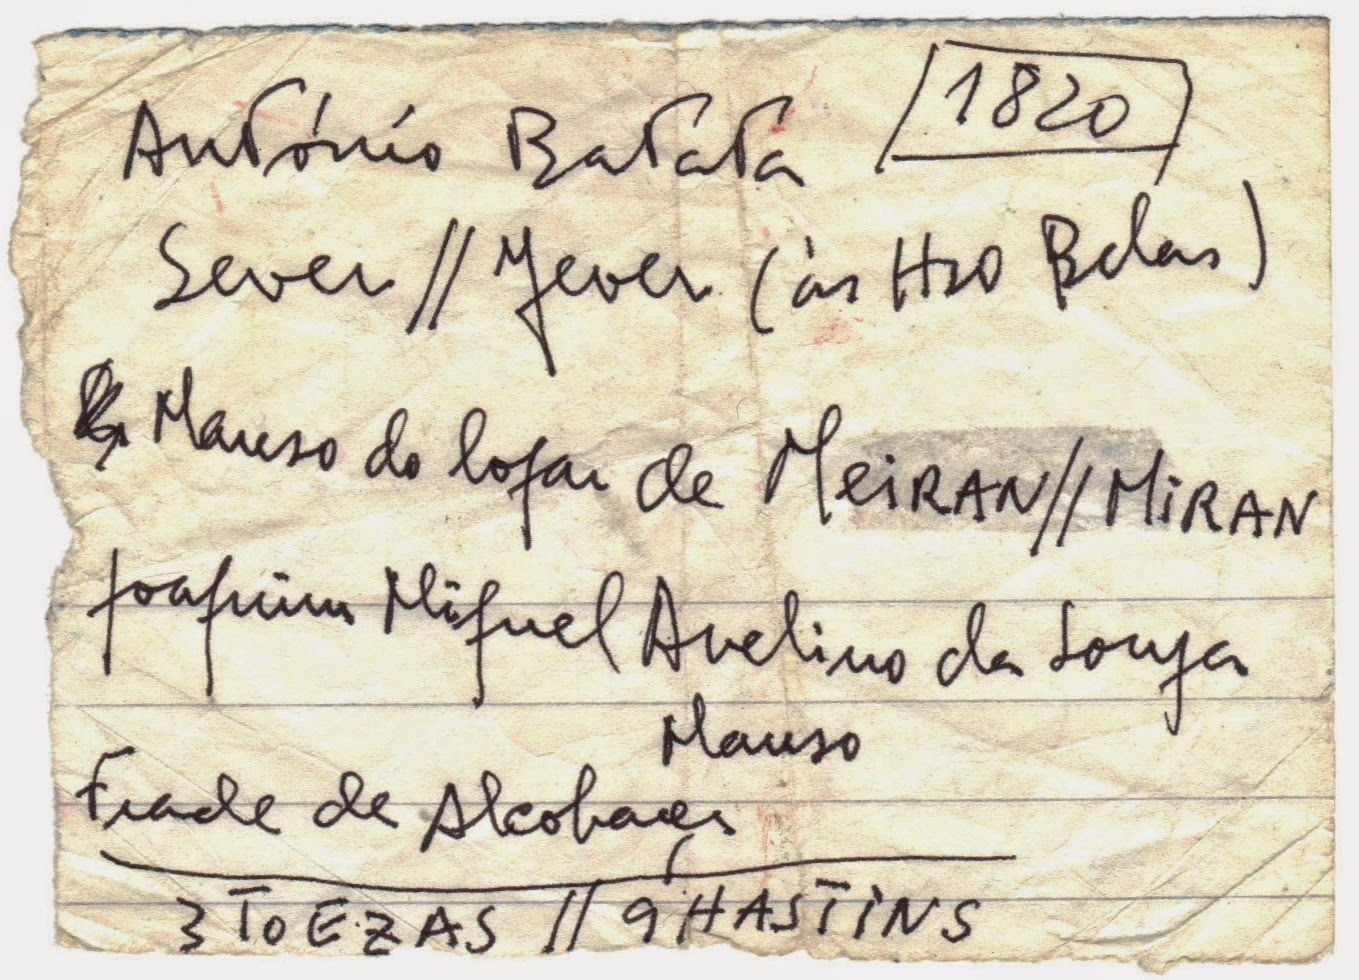 Vallado dos Frades: Tesouro dos Frades de Alcobaça...Mapa